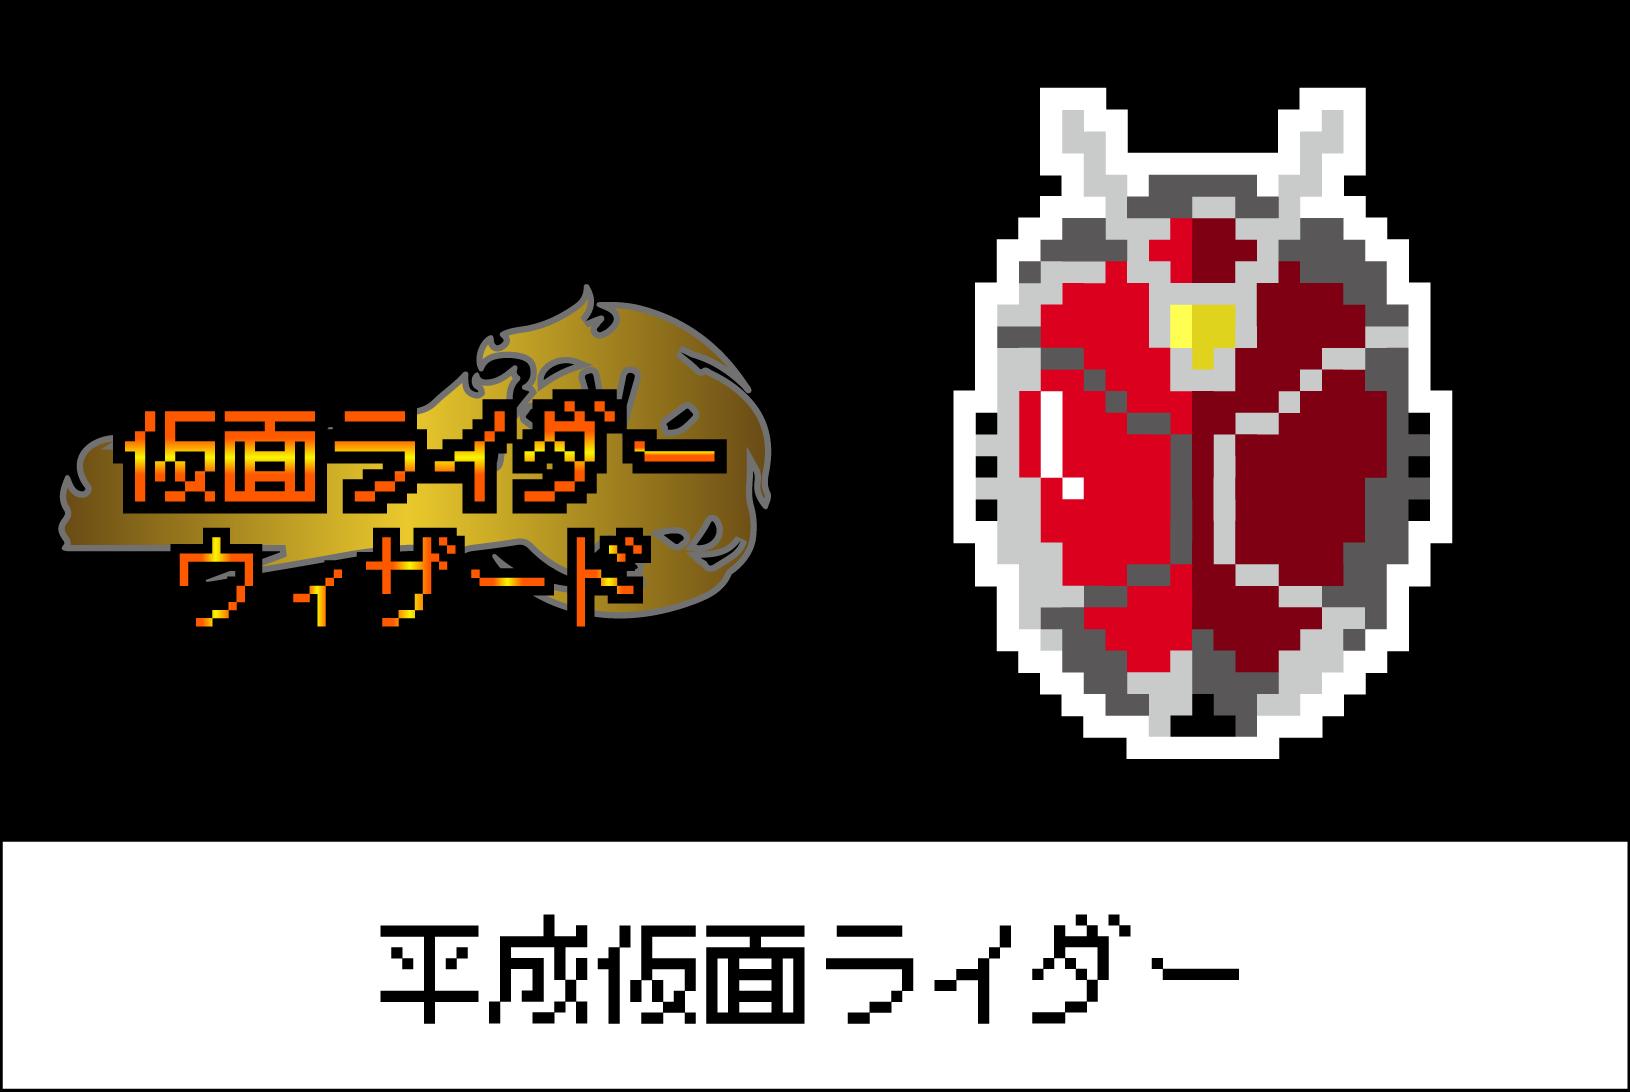 【平成仮面ライダーシリーズ】仮面ライダーウィザードのアイロンビーズ図案